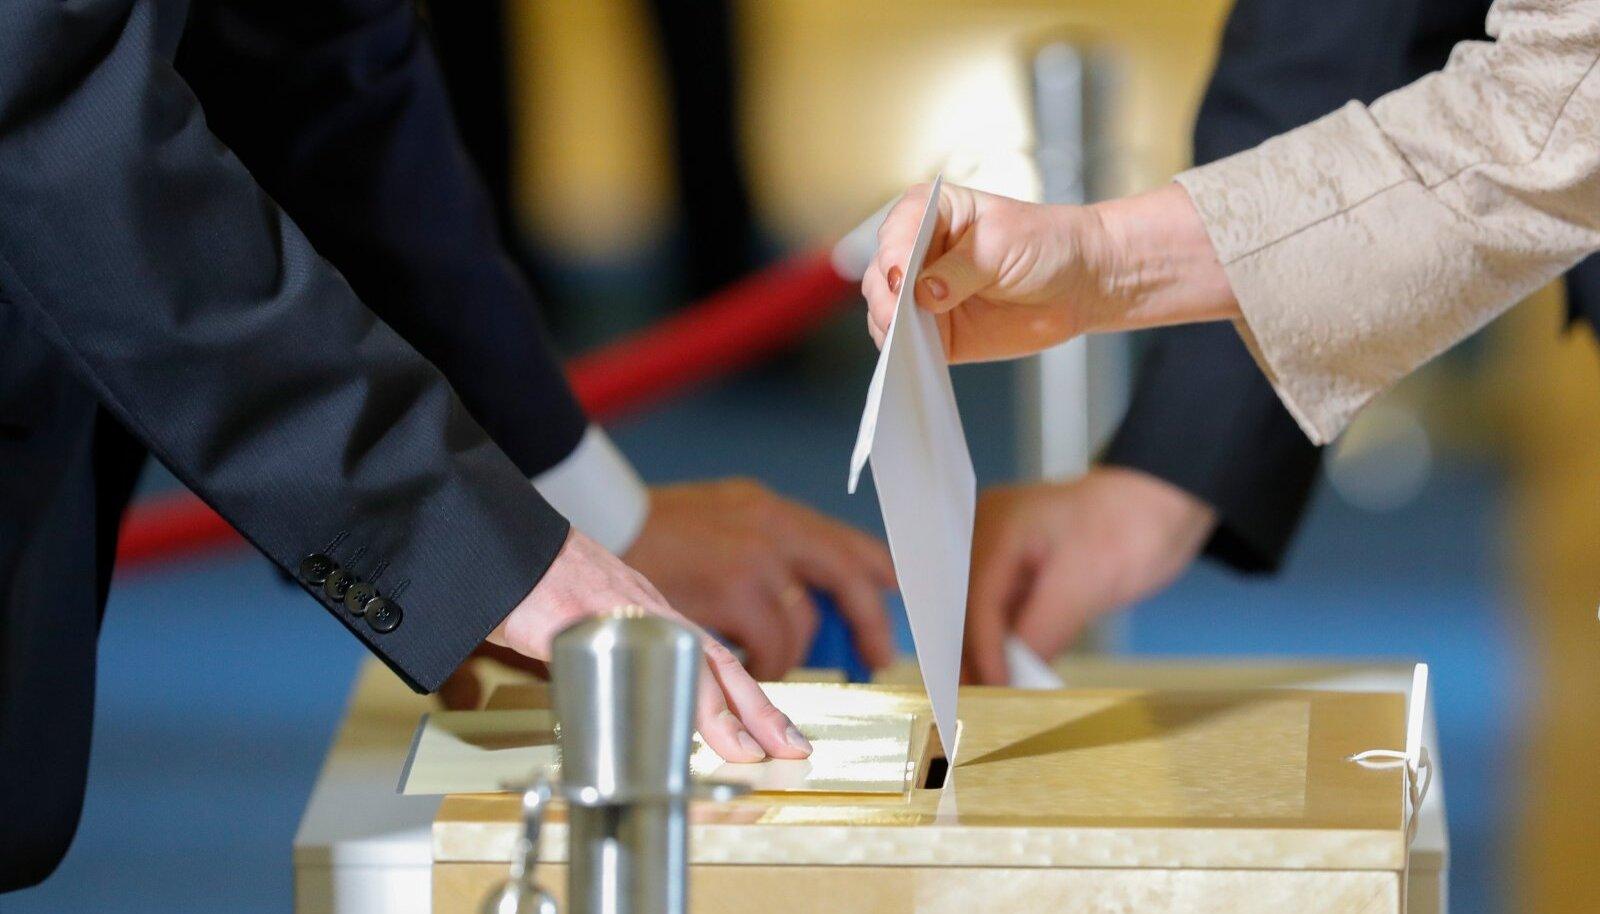 Riigikogu koguneb esimest korda presidenti valima esmaspäeval. Kui teisipäevaks sellega hakkama ei saada, kutsutakse tõenäoliselt septembri teiseks pooleks kokku valimiskogu, kuhu lisaks 101 riigikogu liikmele kuulub veel 107 omavalitsuste esindajat.